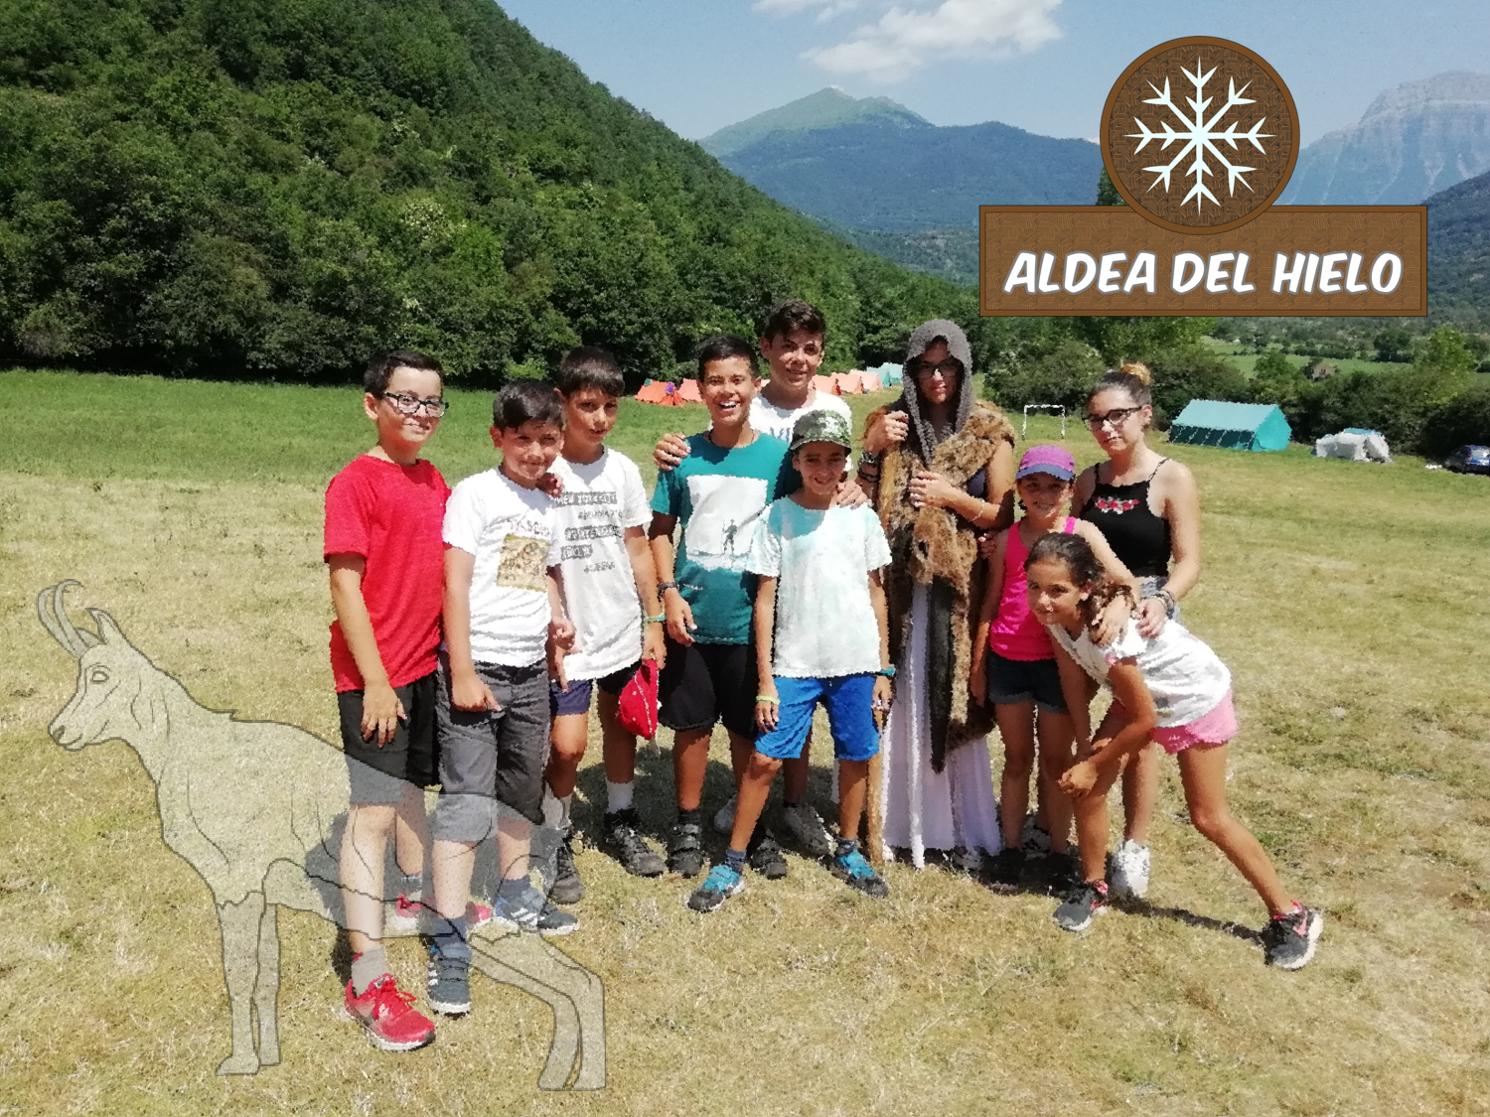 Aldea del hielo | Campamento Turquino 2018